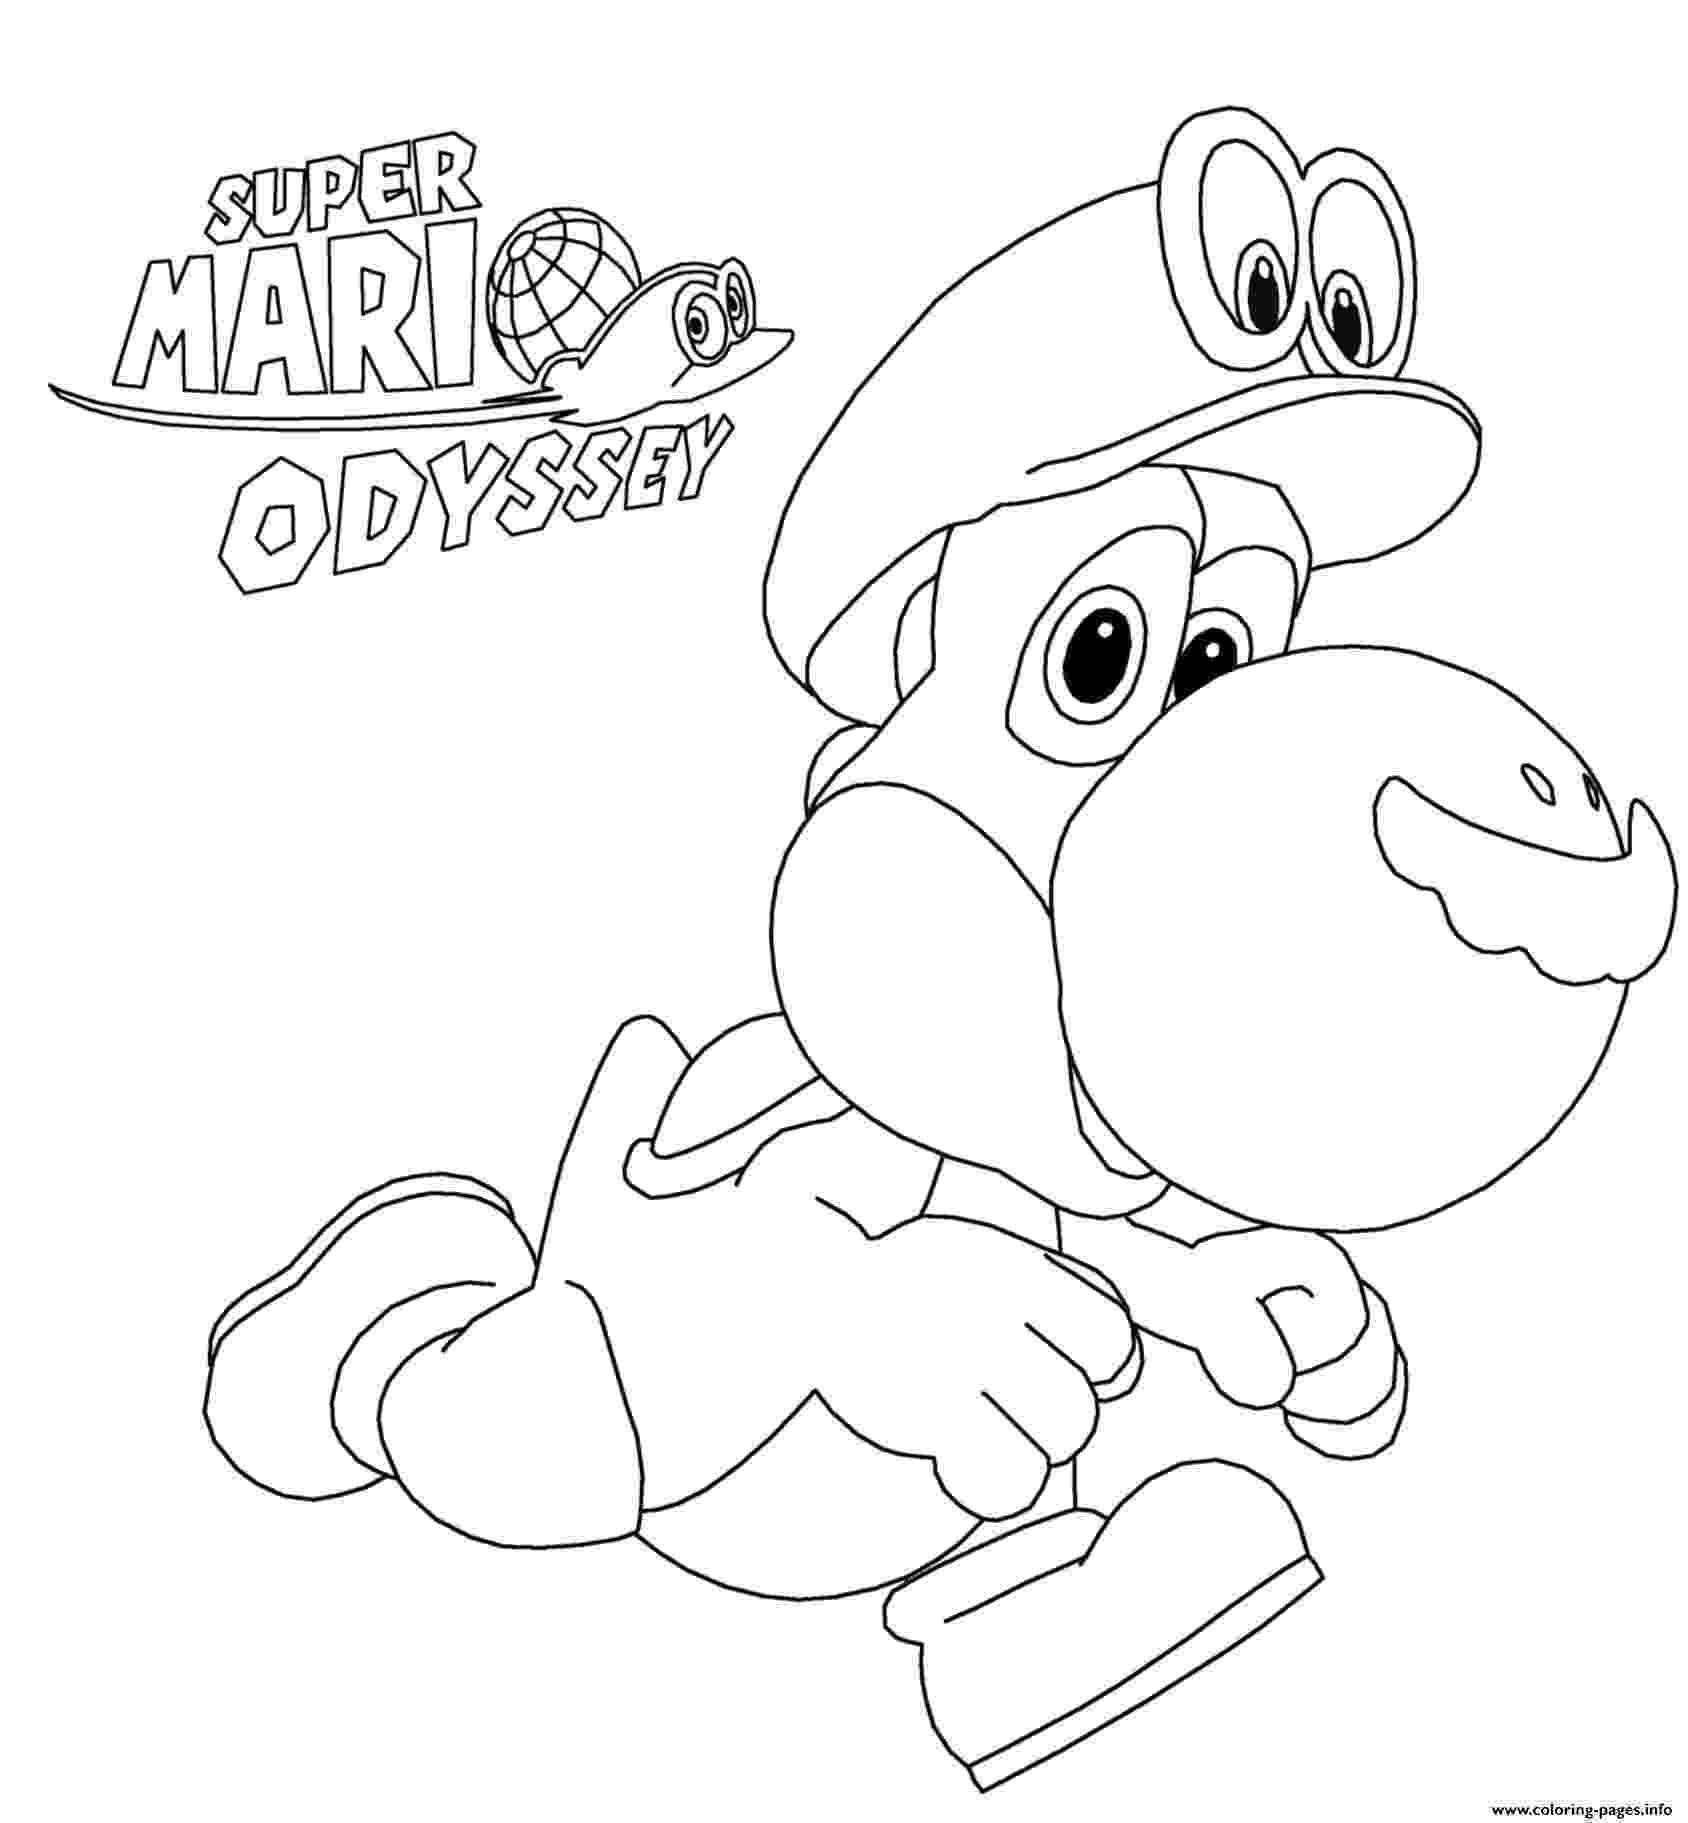 super mario odyssey coloring pages mario odyssey coloring pages printable free coloring books coloring pages super mario odyssey